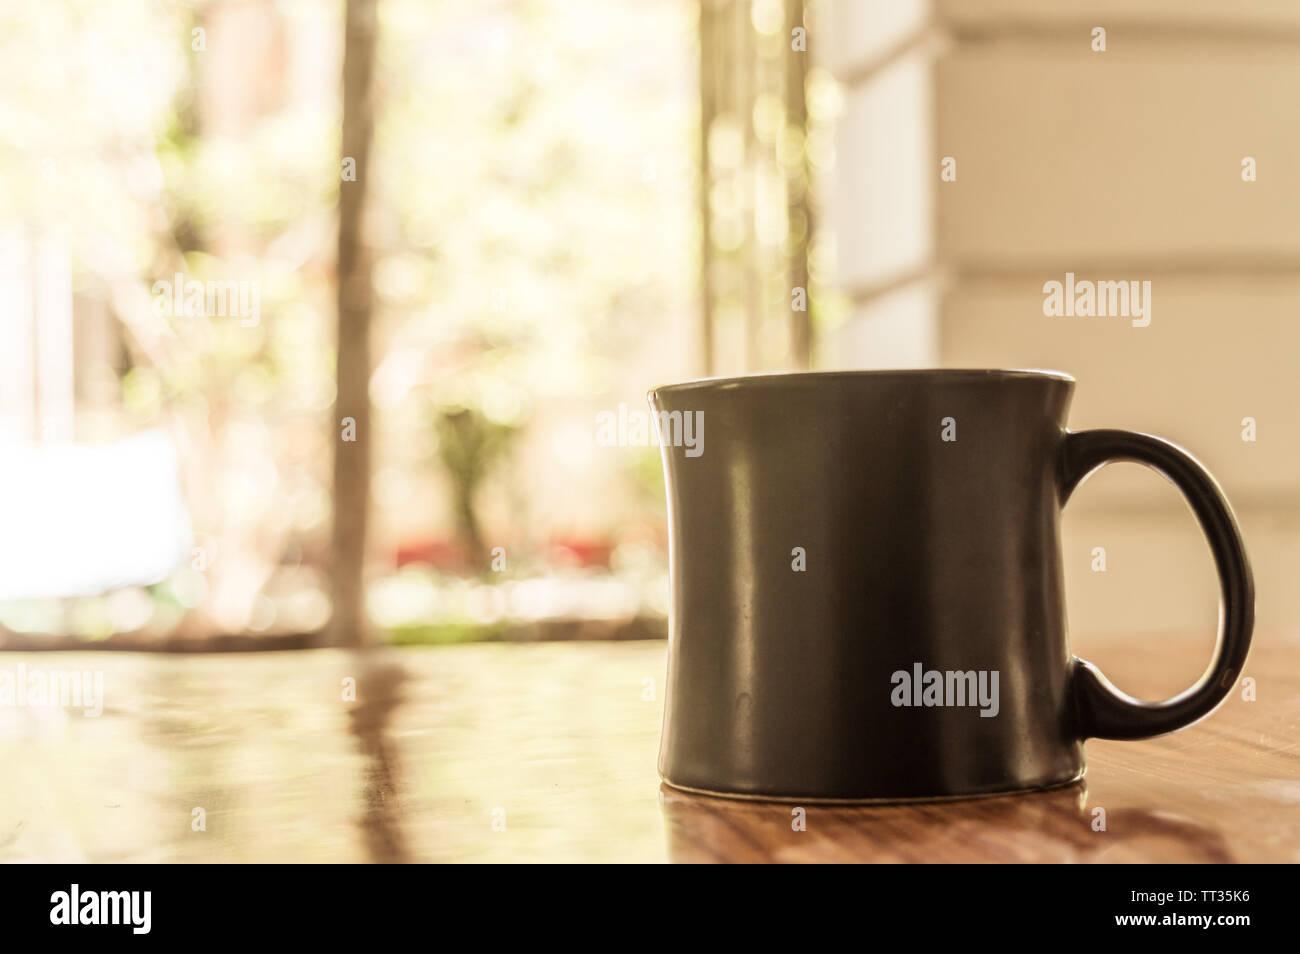 Primer plano de la imagen de una taza de capuchino, moca, latte, Americana, espresso café caliente aroma para el fondo de la tabla de madera de estilo rústico en la cafetería con un telón de fondo o Foto de stock